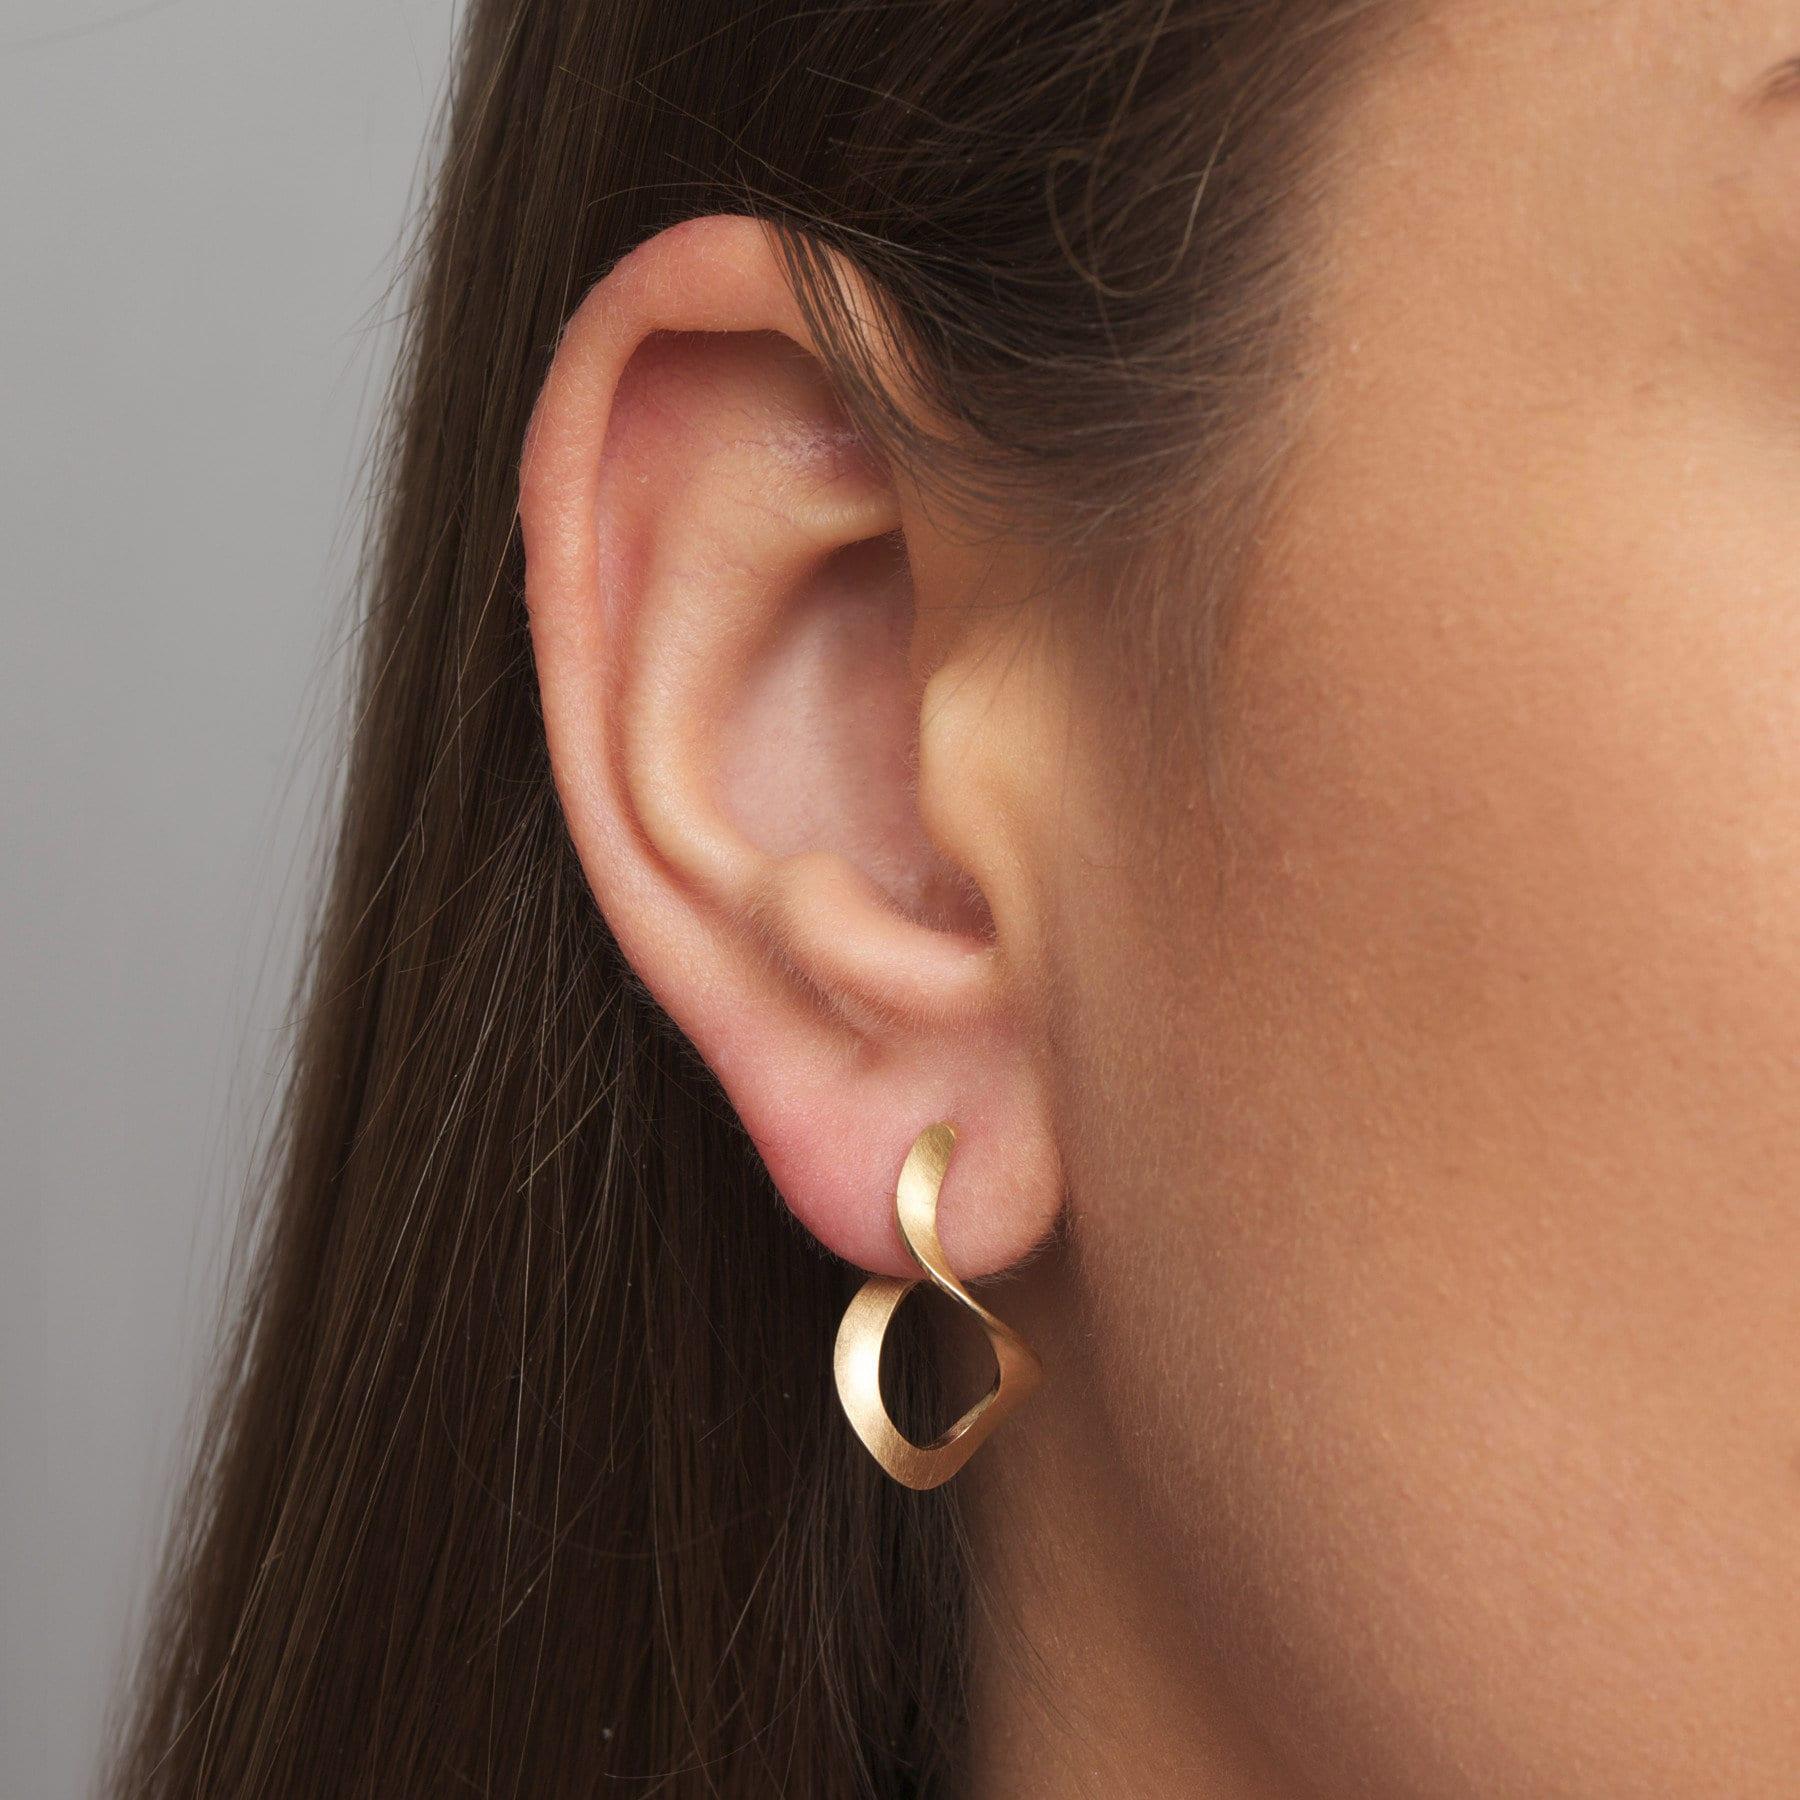 14k Yellow Gold Curl Earrings